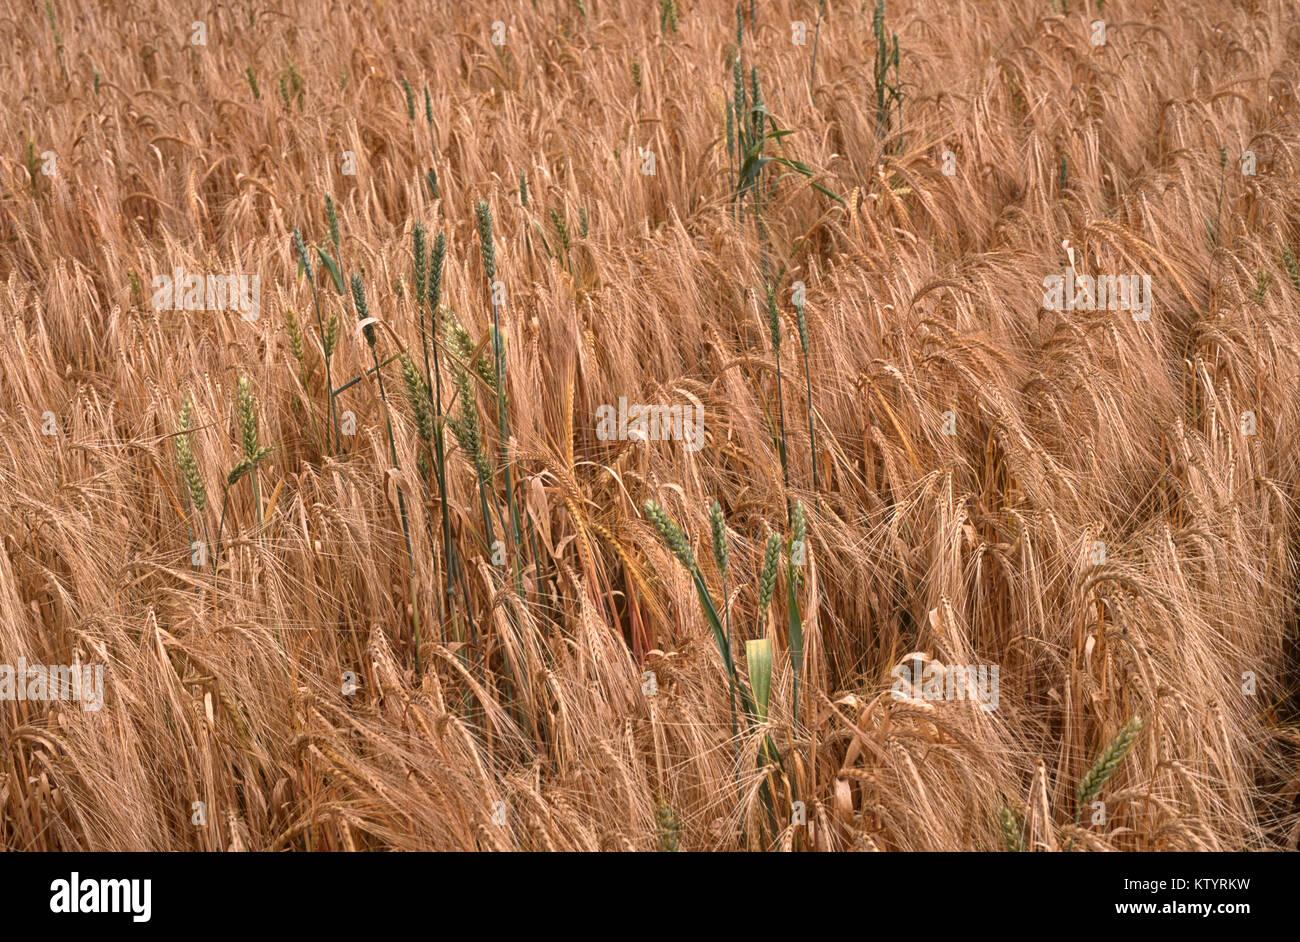 Les plants de blé voyous en orge Photo Stock